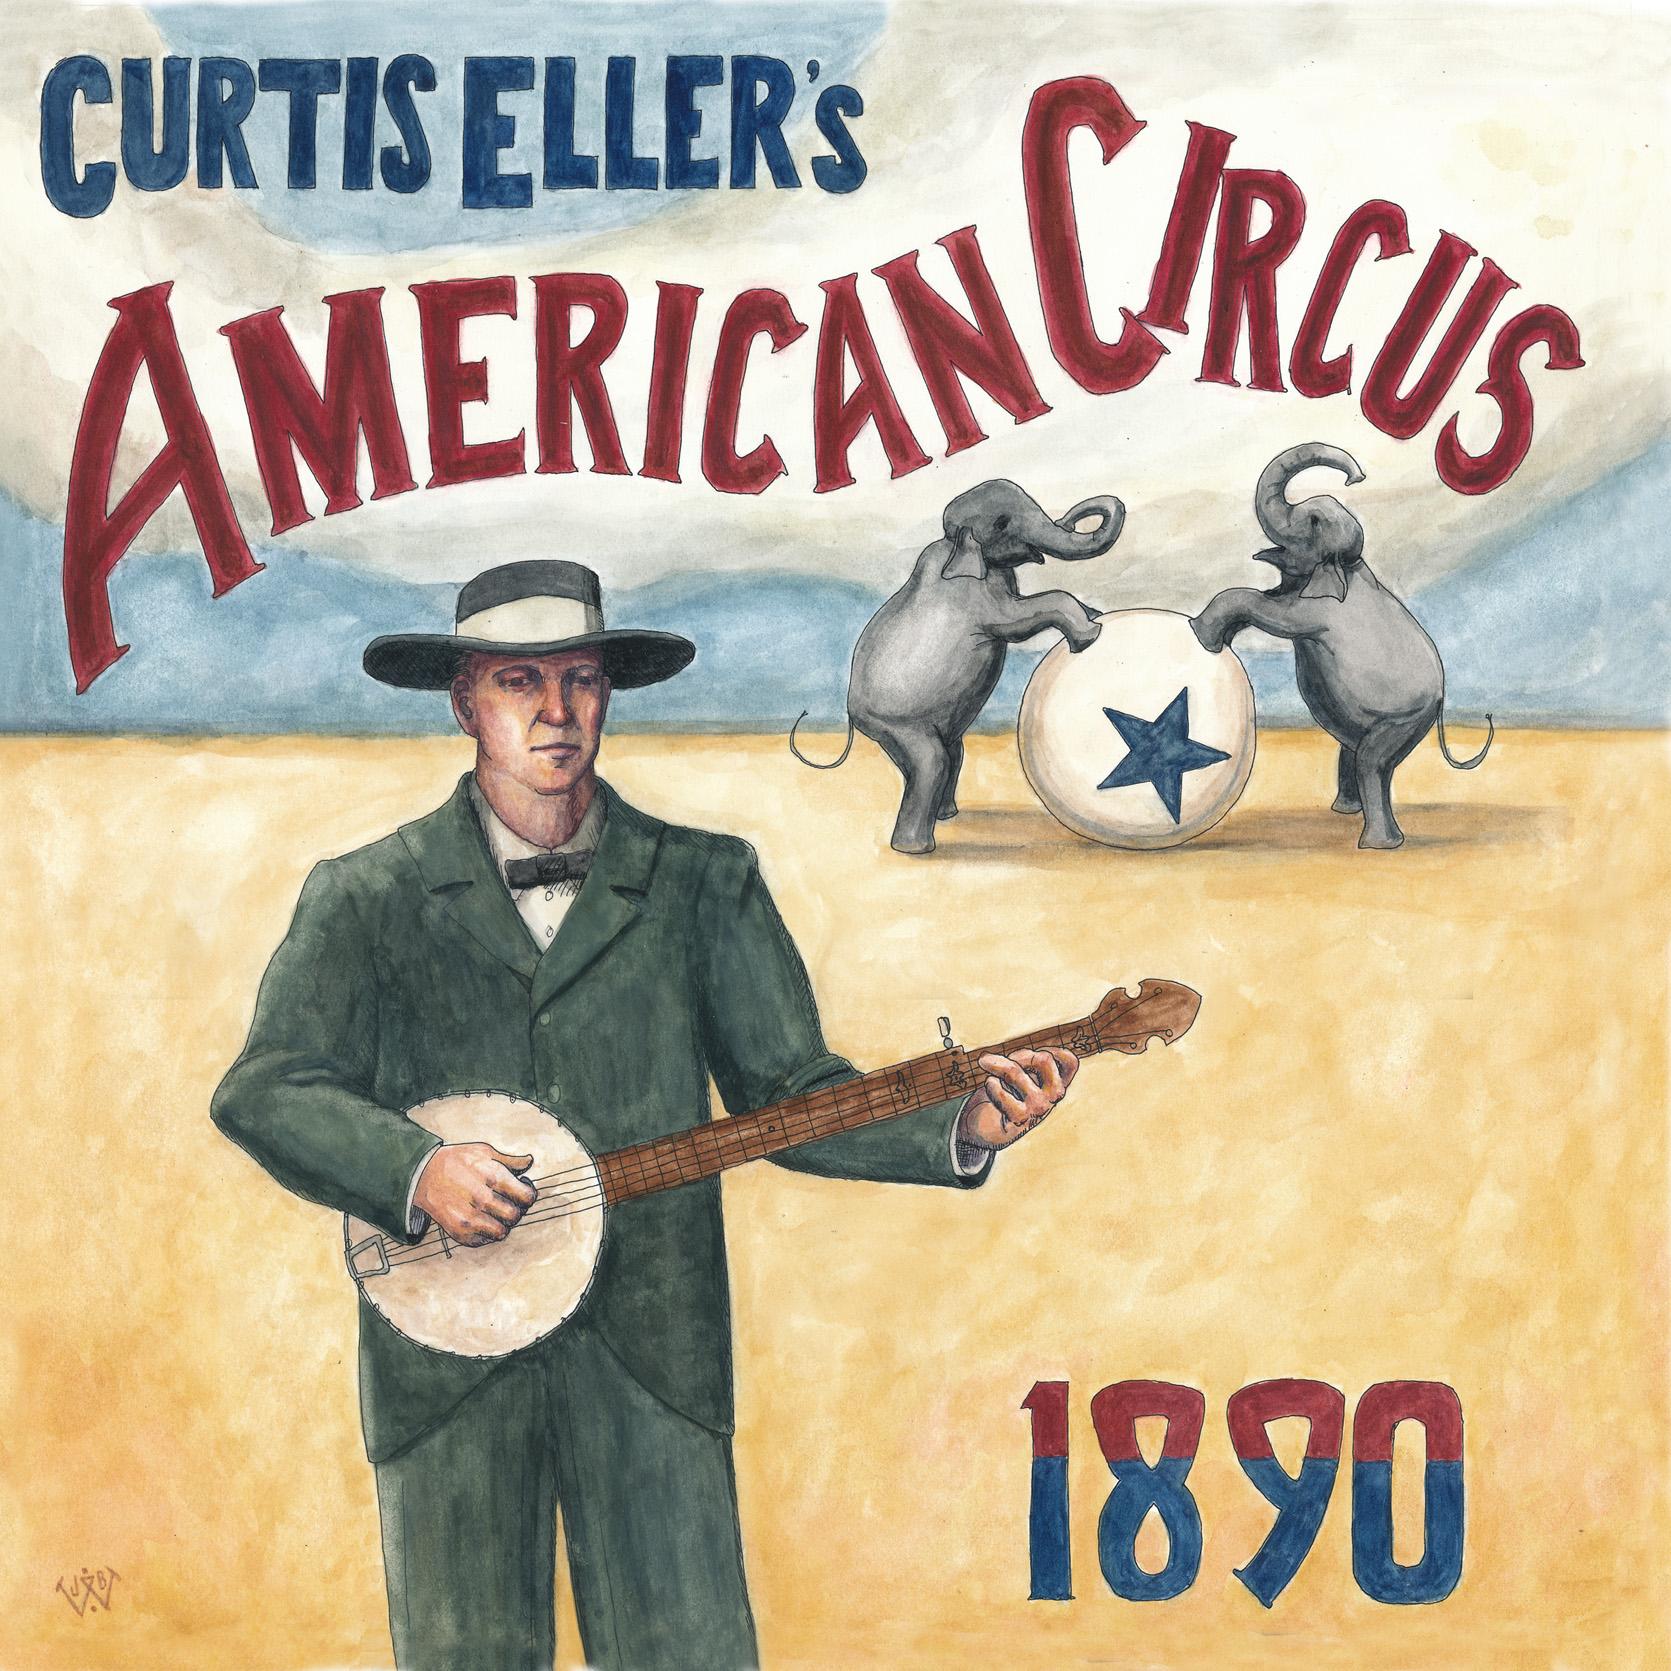 1890 (CD) $10 + shipping - 10 song album on hi-fidelity CD